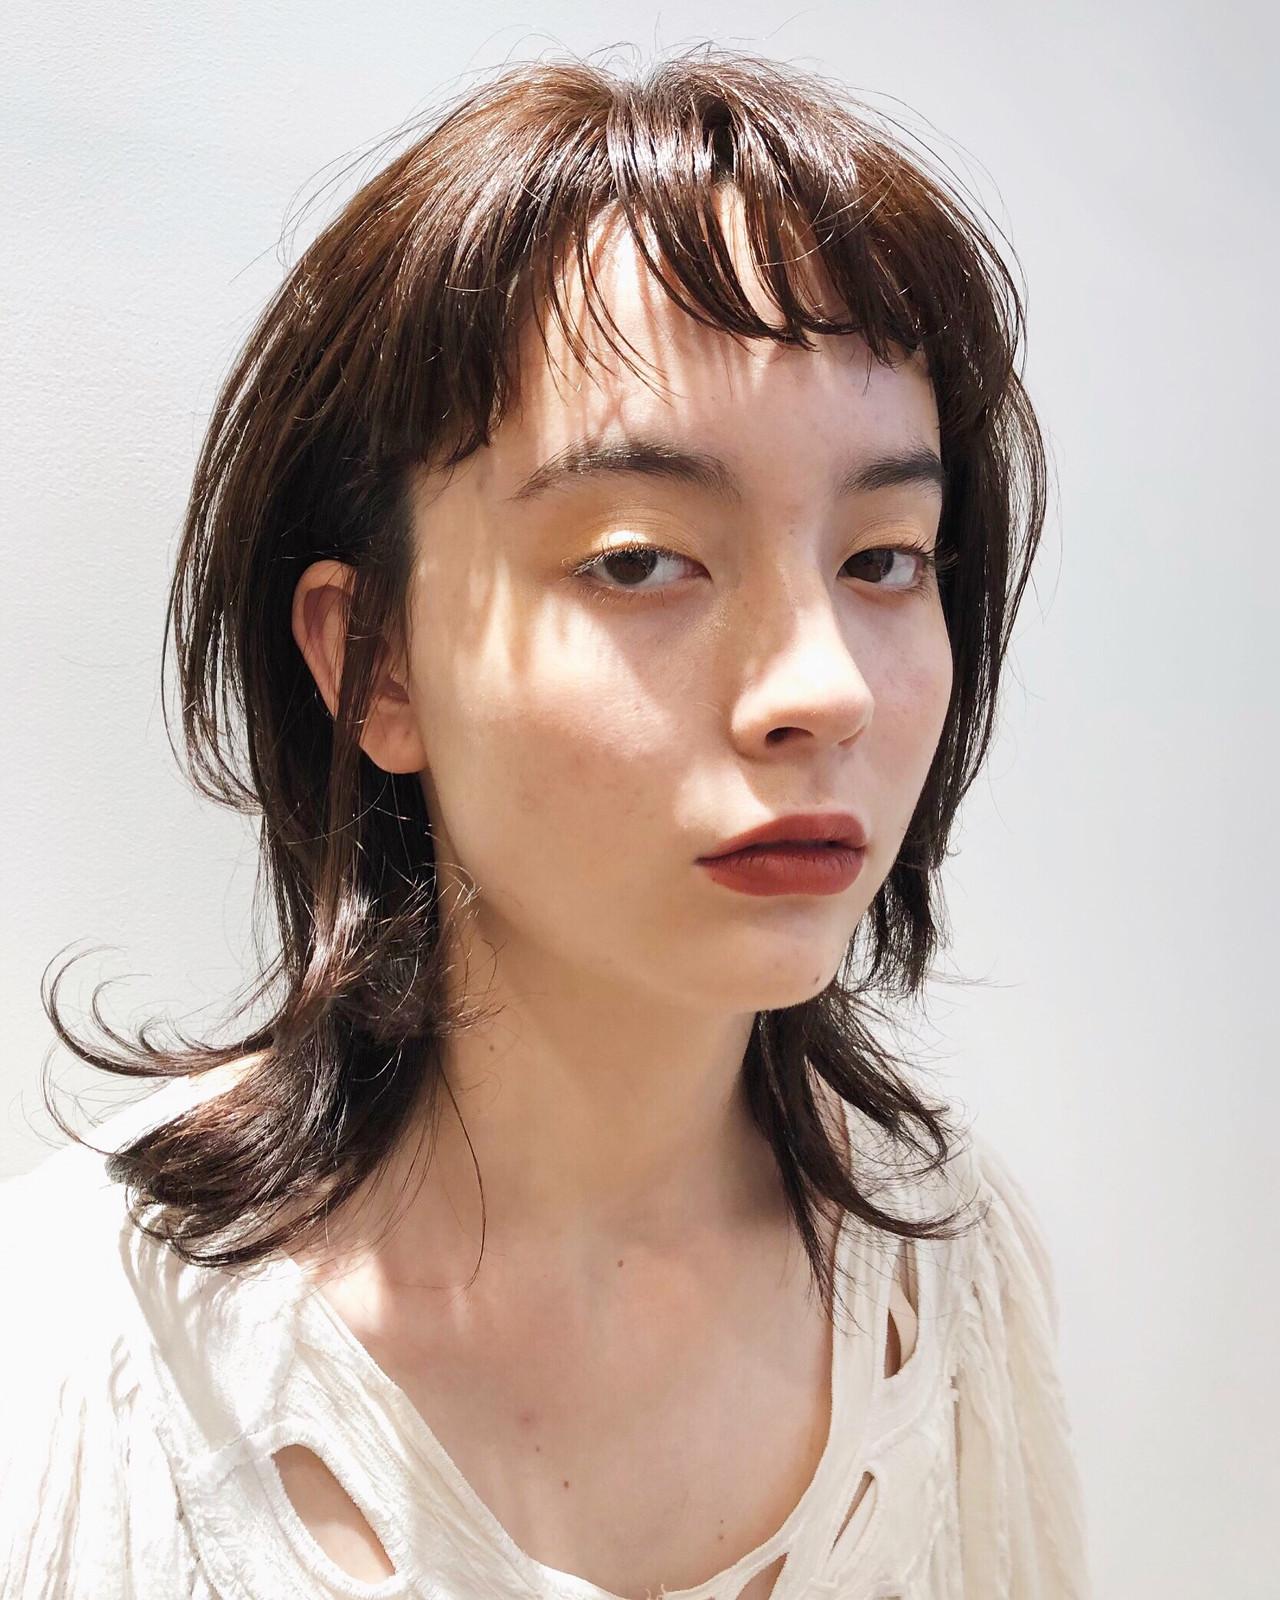 ミディアム ミディアムレイヤー オン眉 ウルフカット ヘアスタイルや髪型の写真・画像